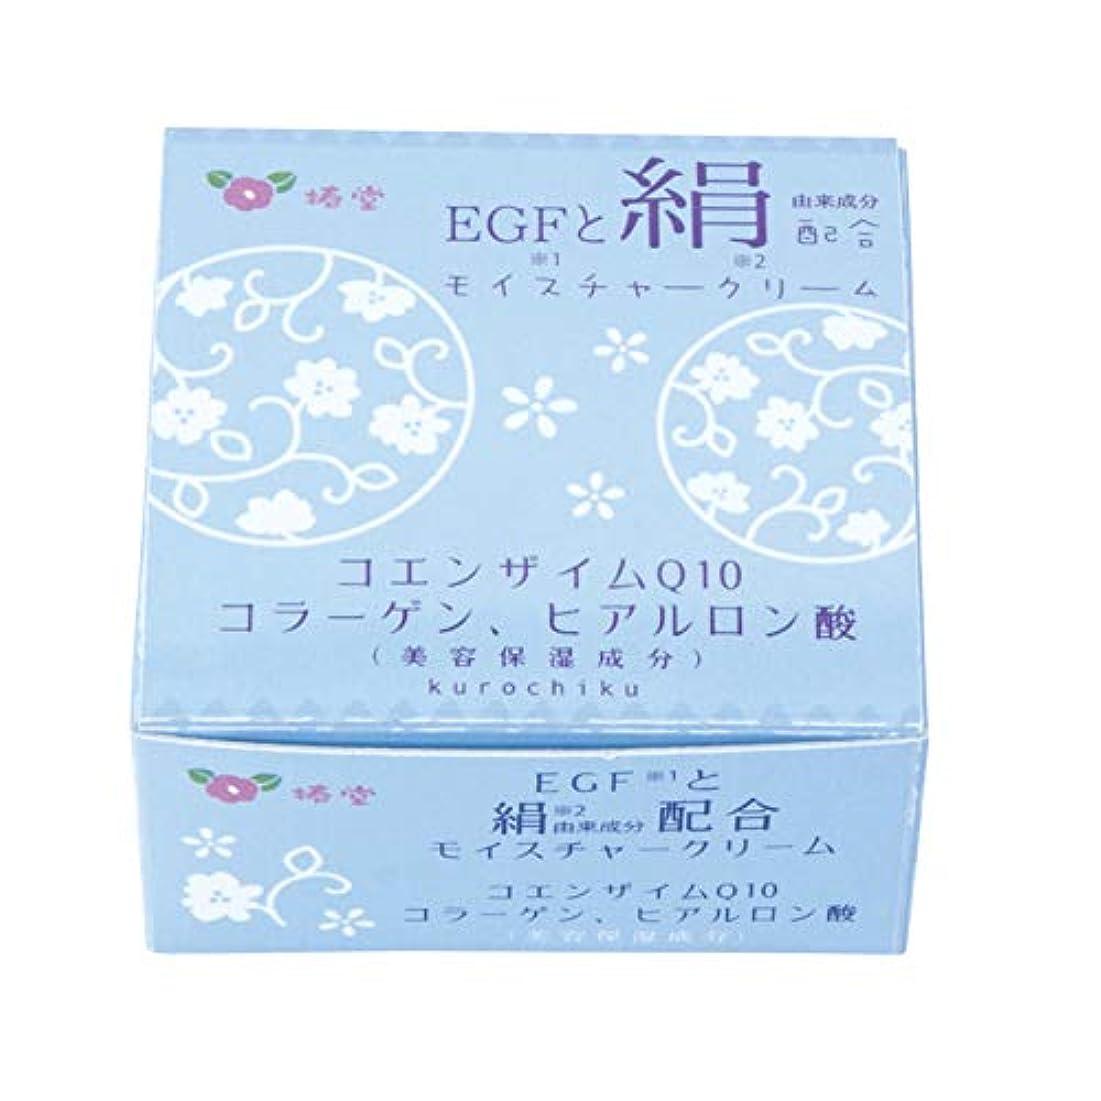 ベアリングサークル抑圧有益な椿堂 絹モイスチャークリーム (FGFと絹) 京都くろちく